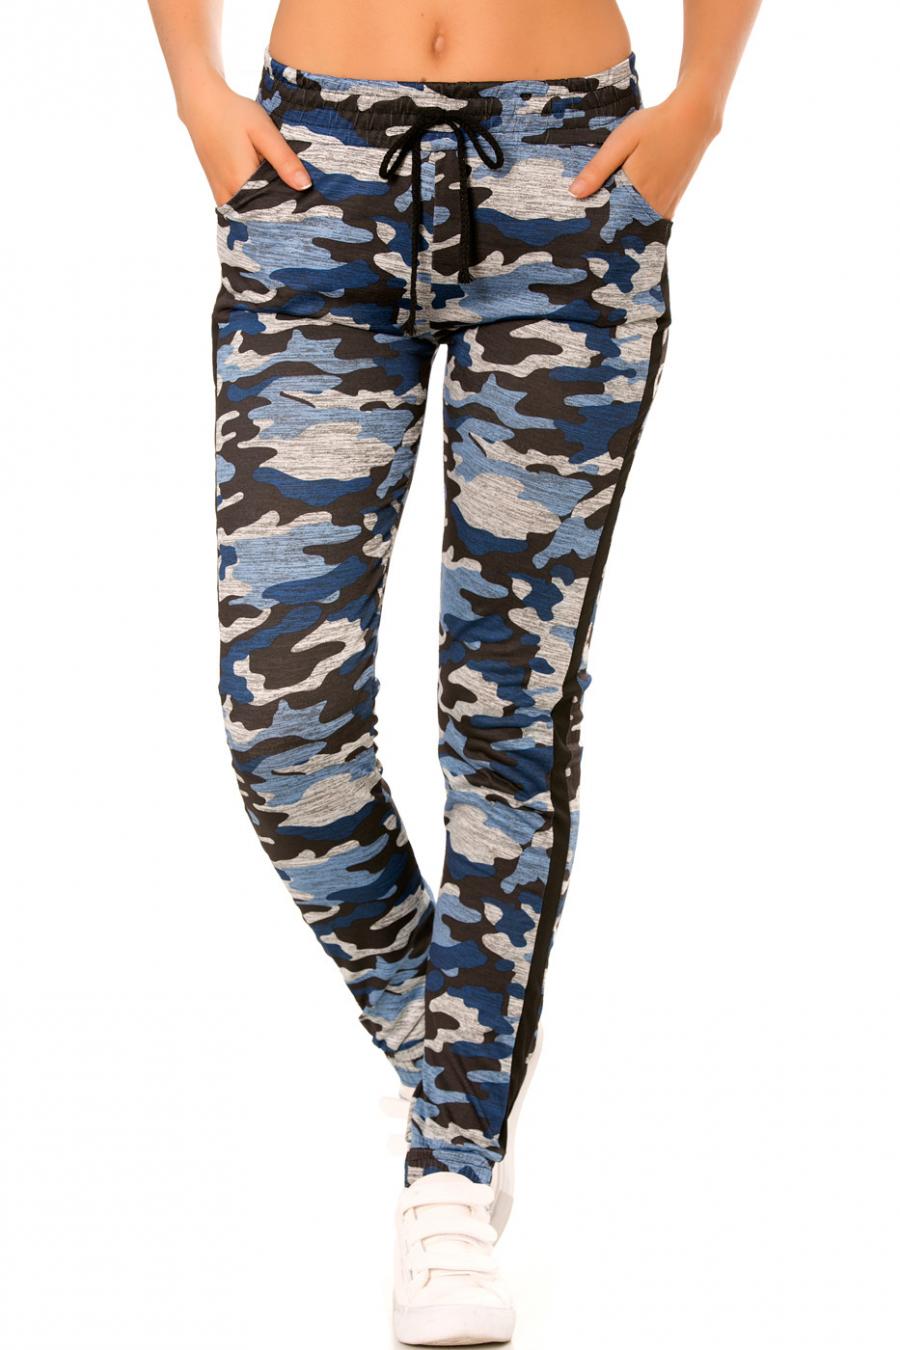 Pantalon jogging militaire bleu avec poches et bandes noires. Enleg 9-104A.